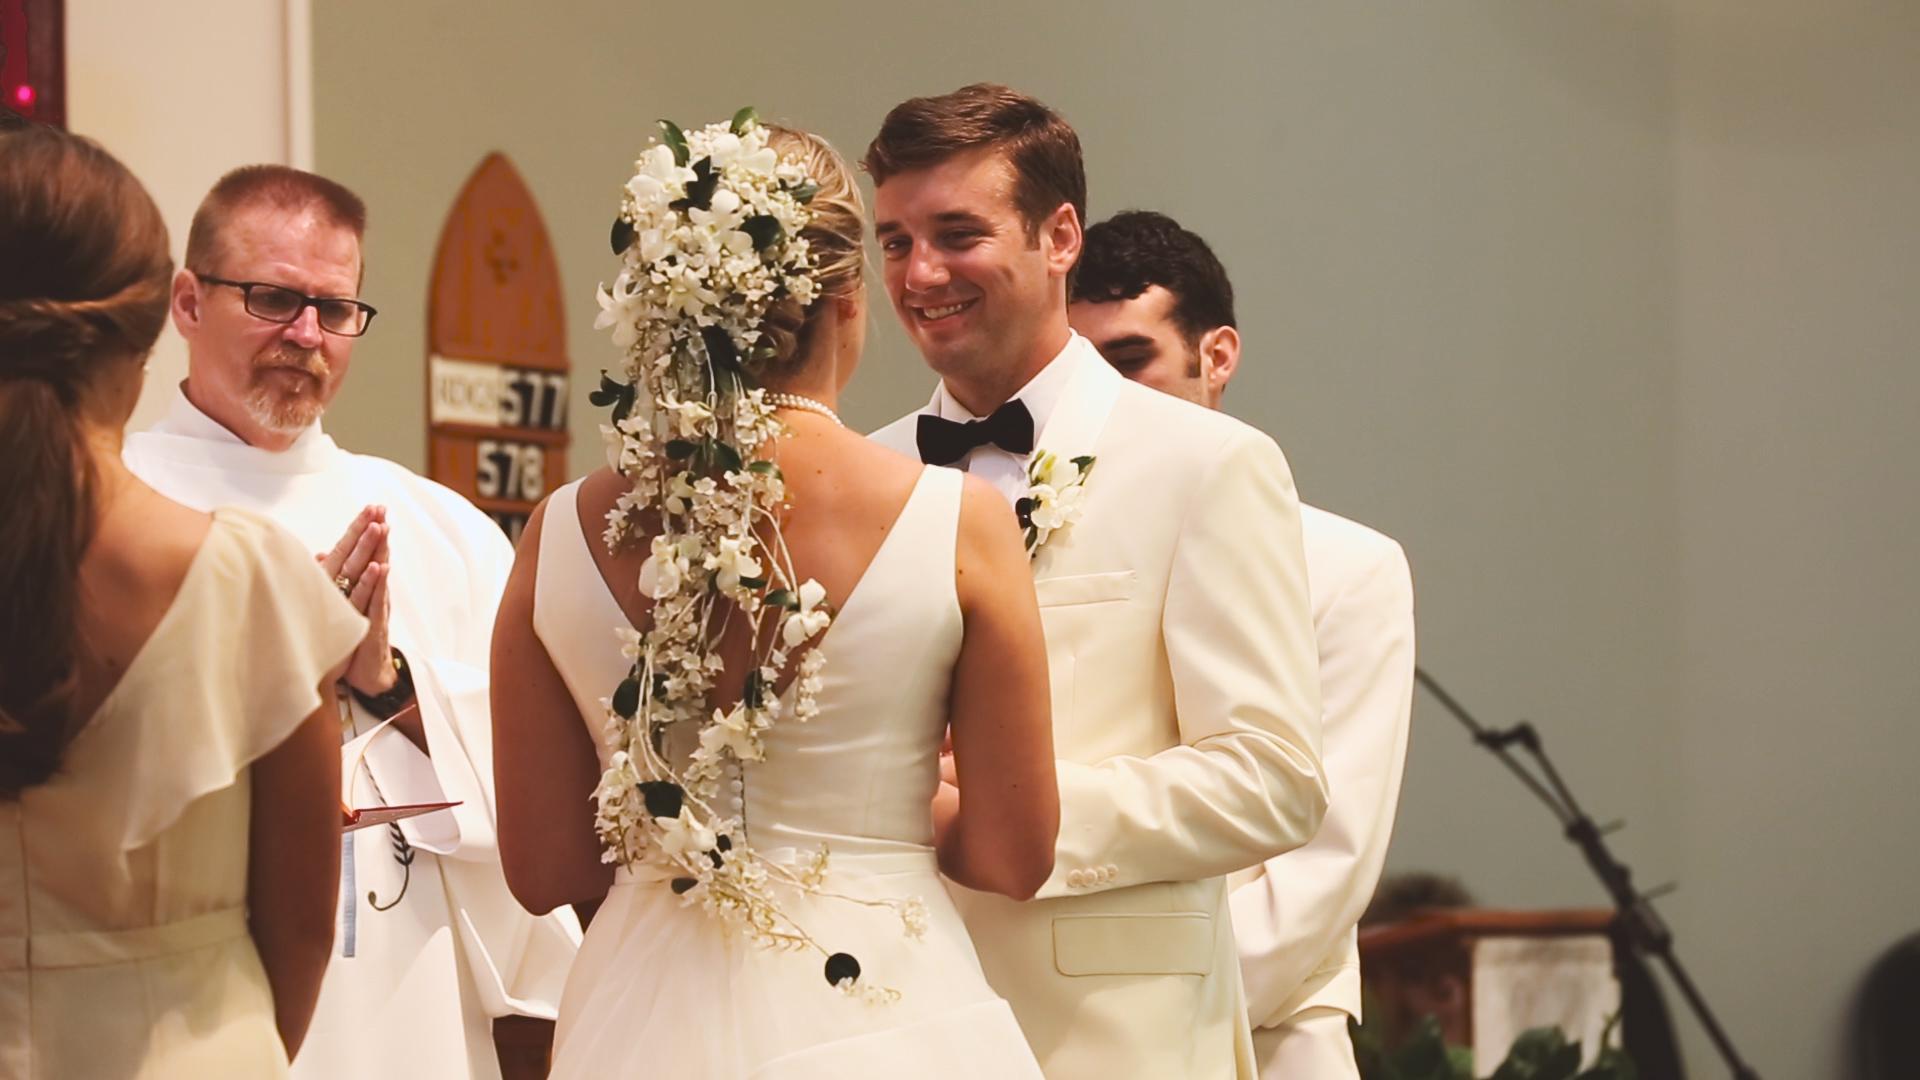 Church Wedding - Bride Film